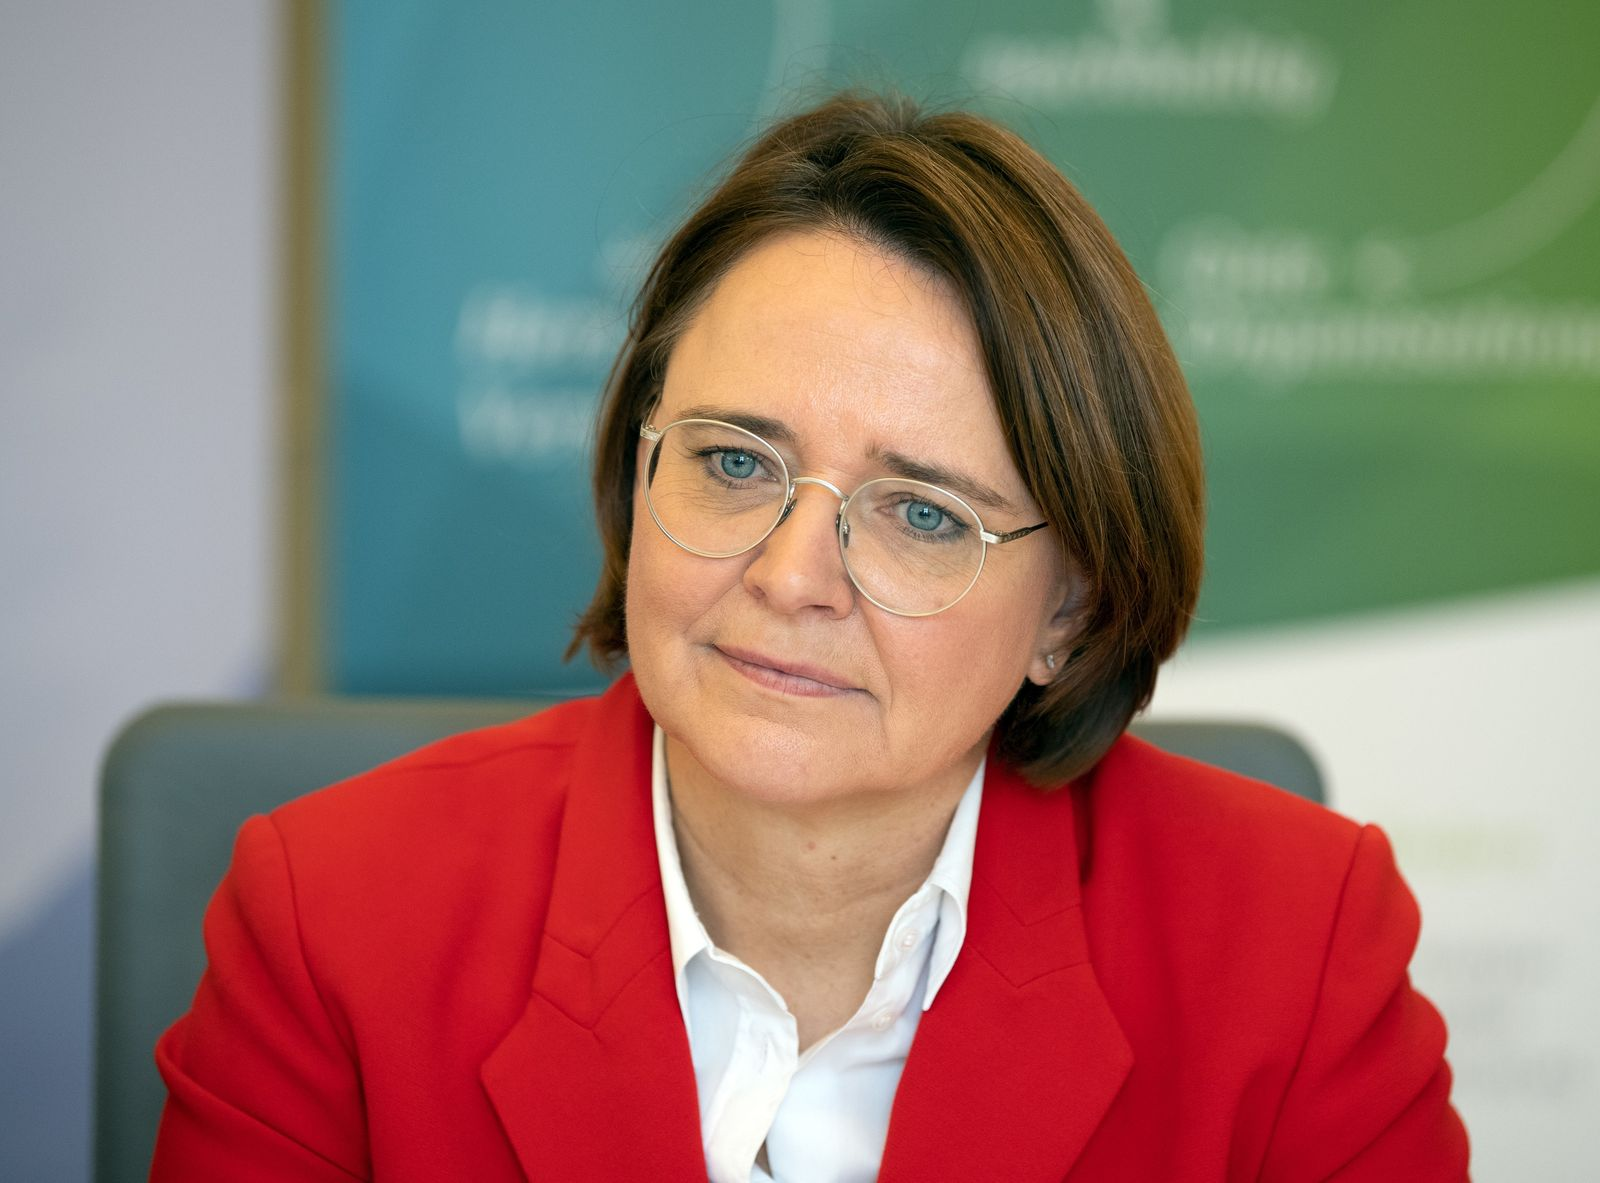 Integrationsbeauftragte Annette Widmann-Mauz